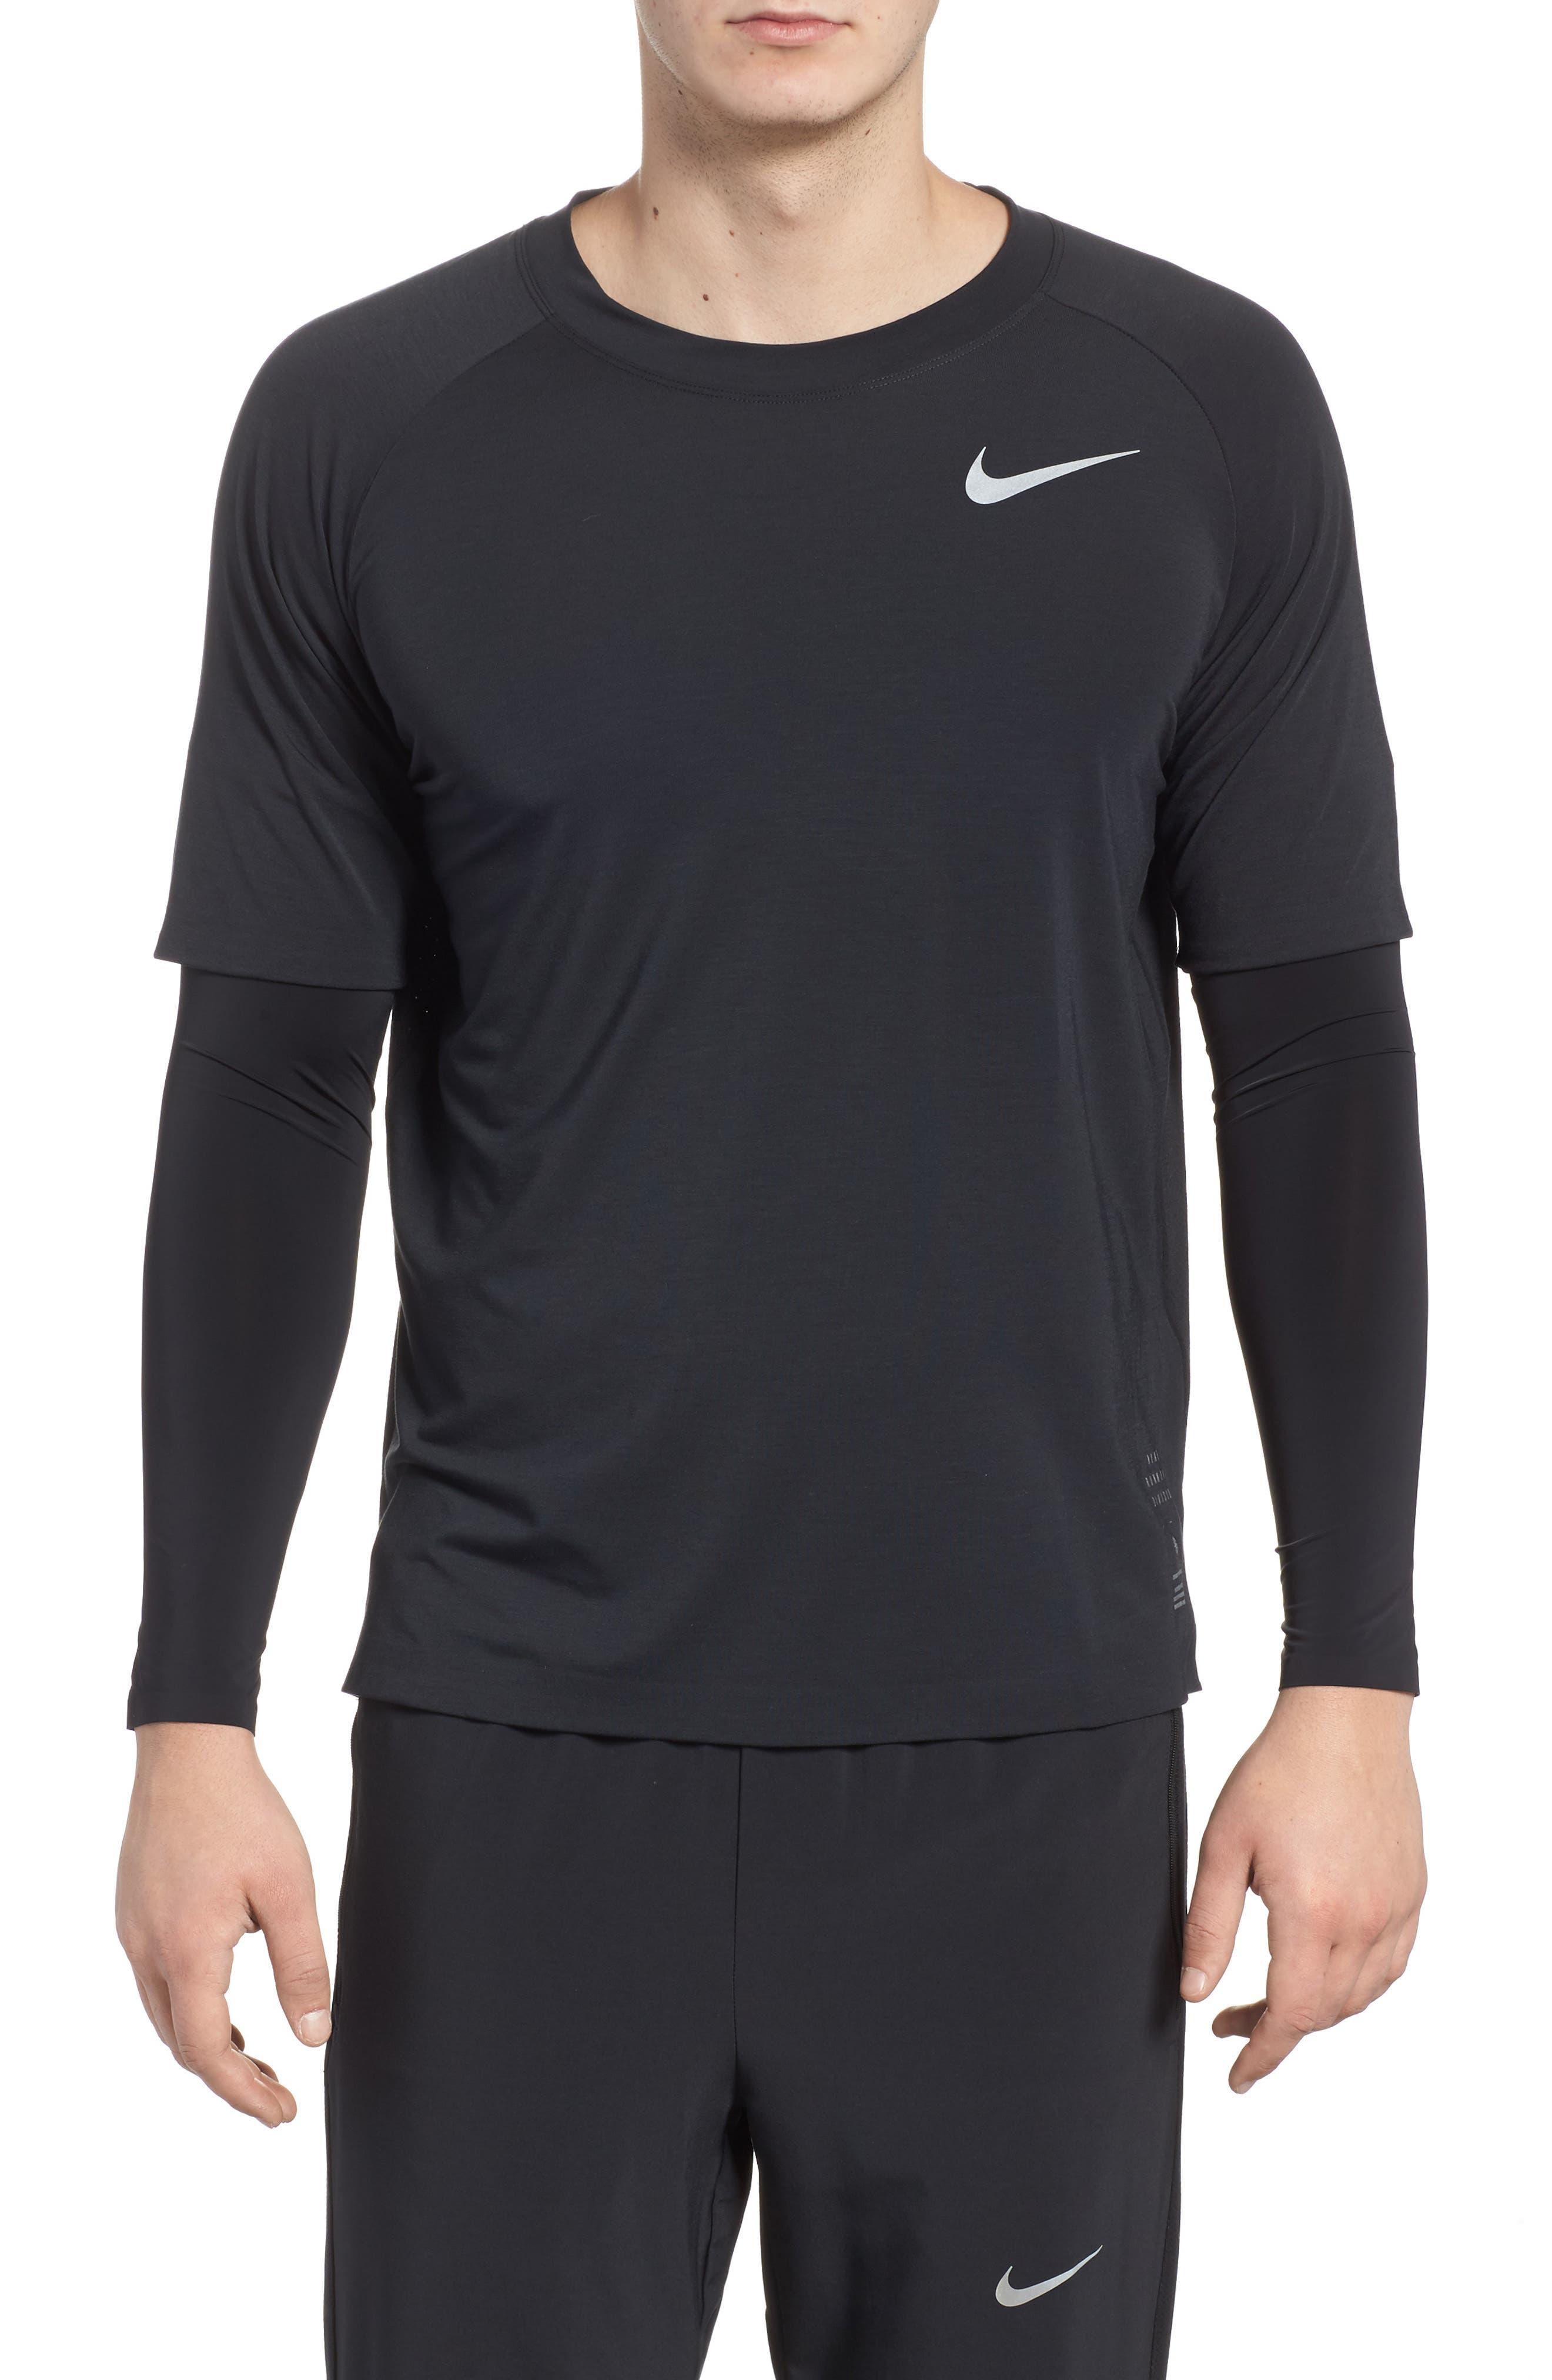 Main Image - Nike Run Division Dry Layered Long Sleeve T-Shirt